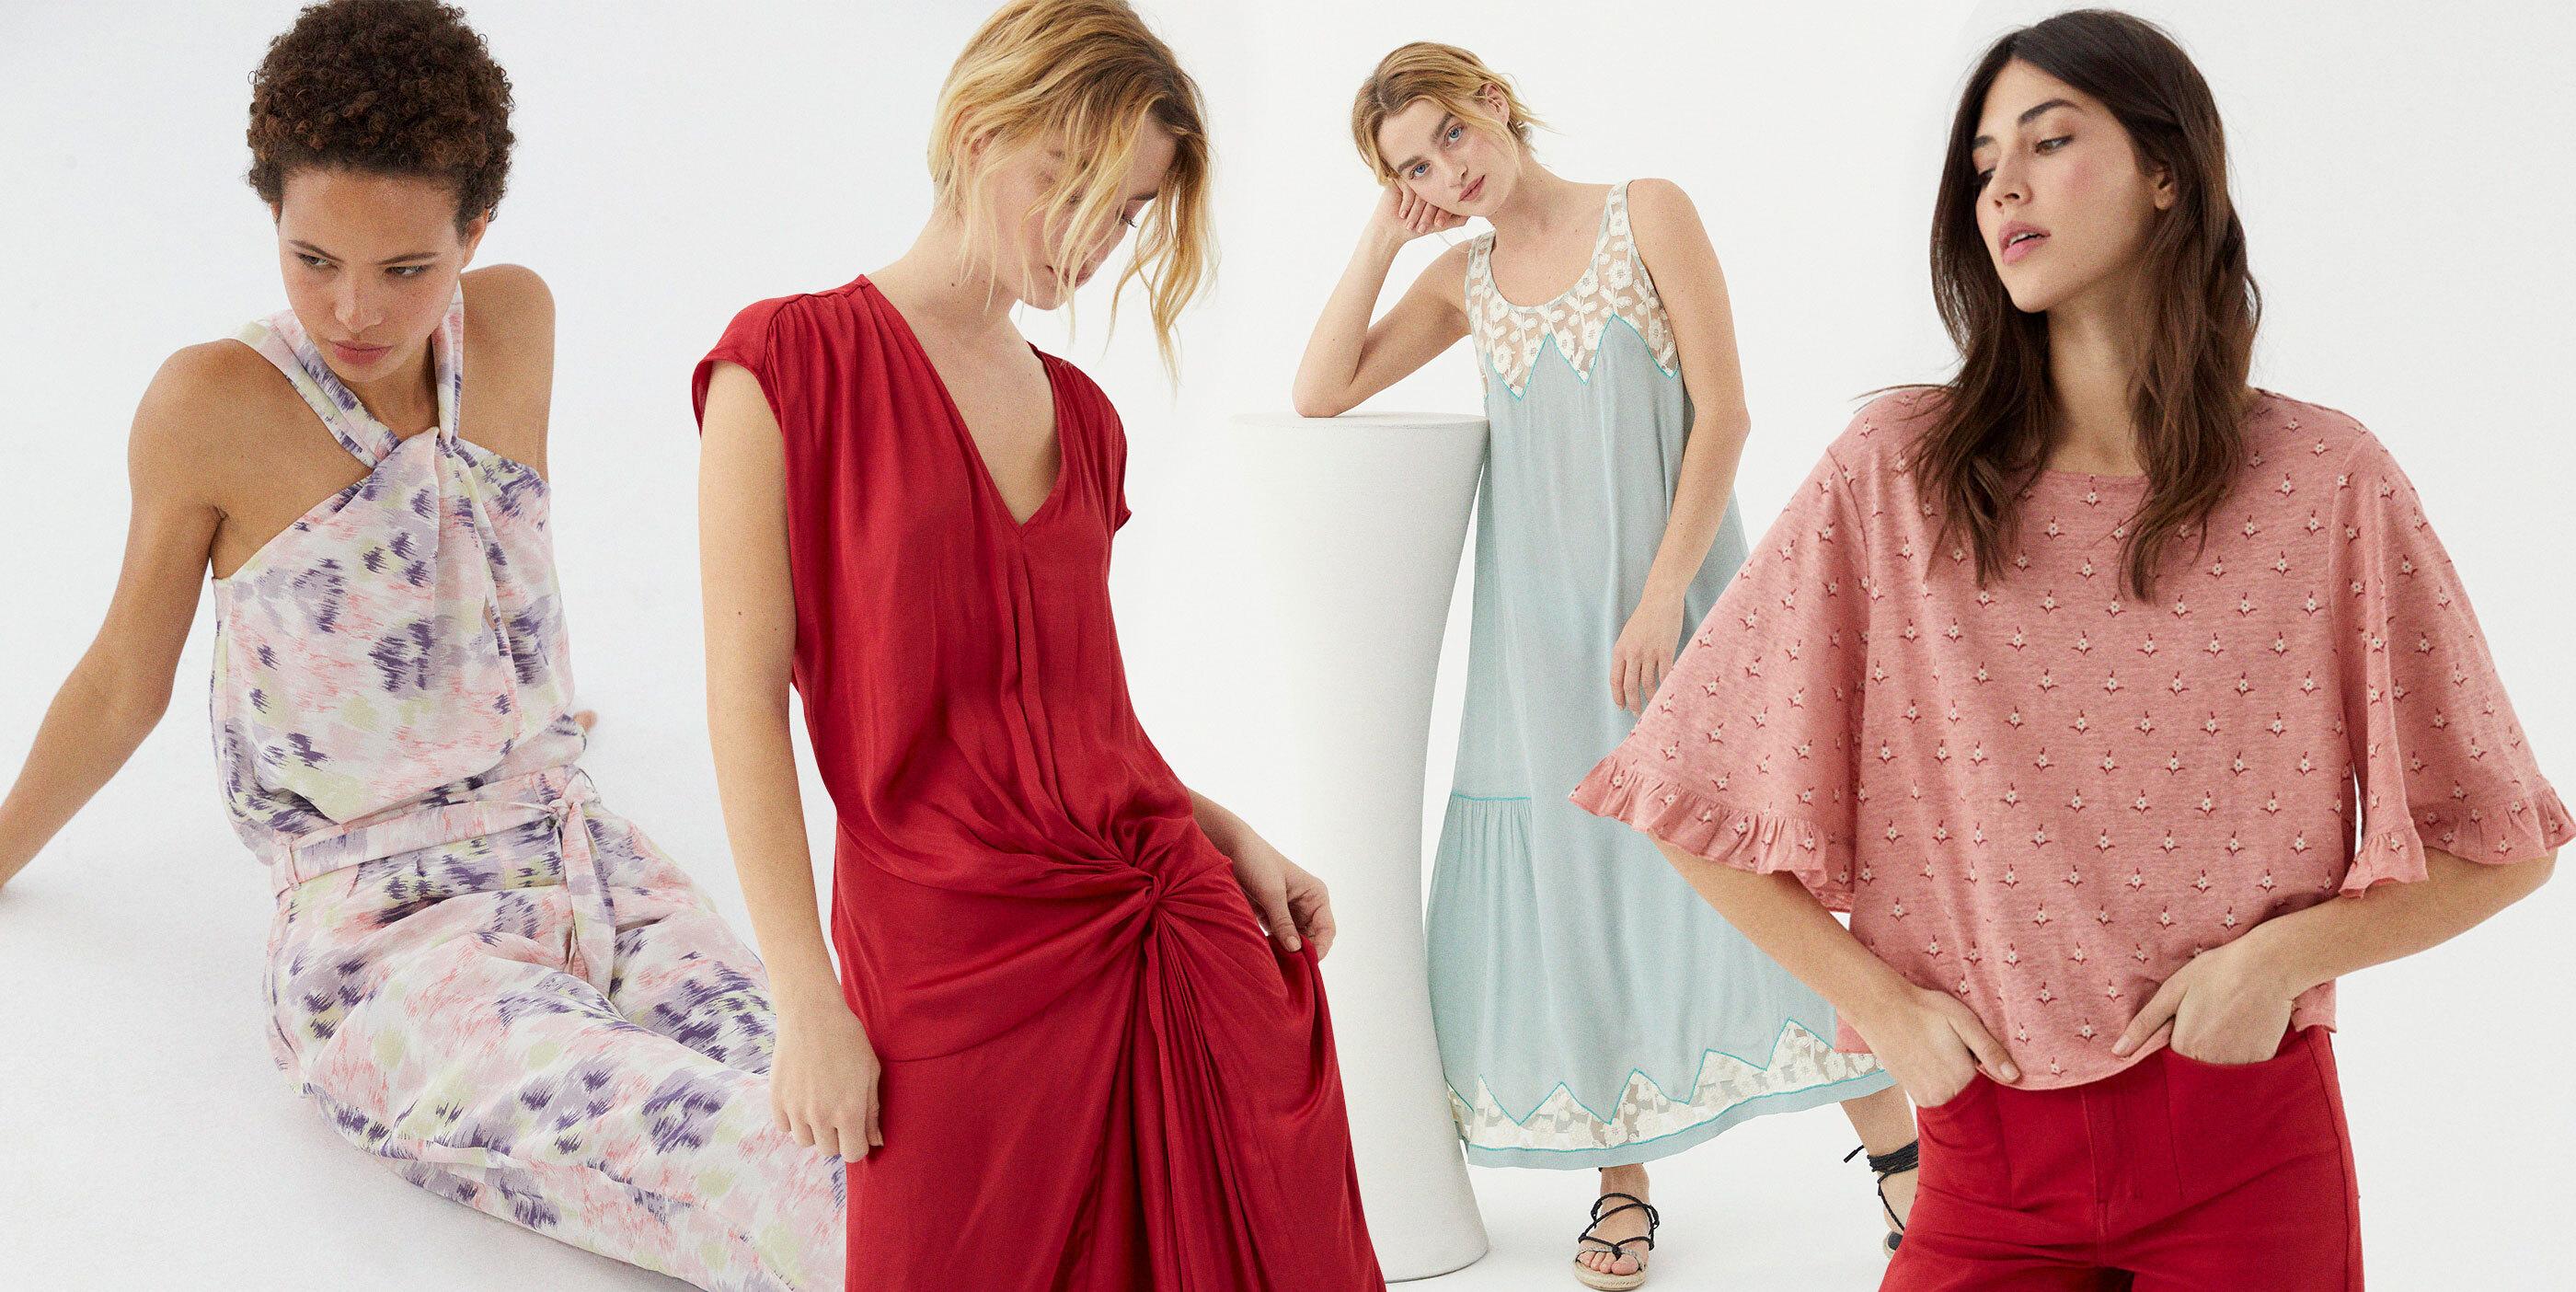 Misma diseñadora y estilo bohemio: el nuevo Hoss Intropia replica la fórmula que la convirtió en la marca de las invitadas discretas